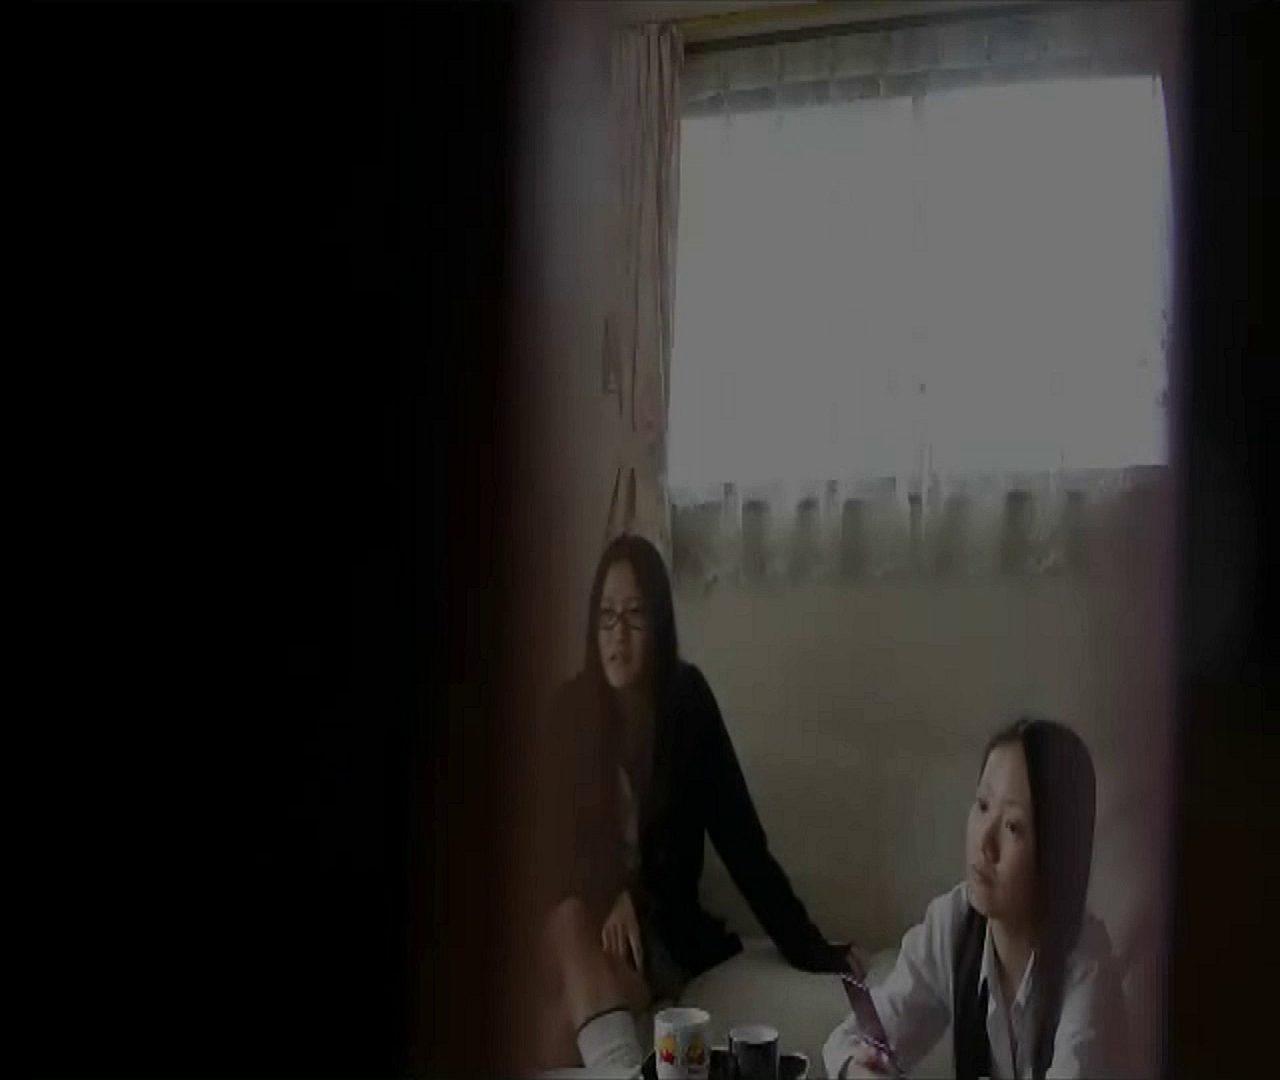 二人とも育てた甲斐がありました… vol.01 まどかとレイカの日常 OLセックス   0  91画像 11